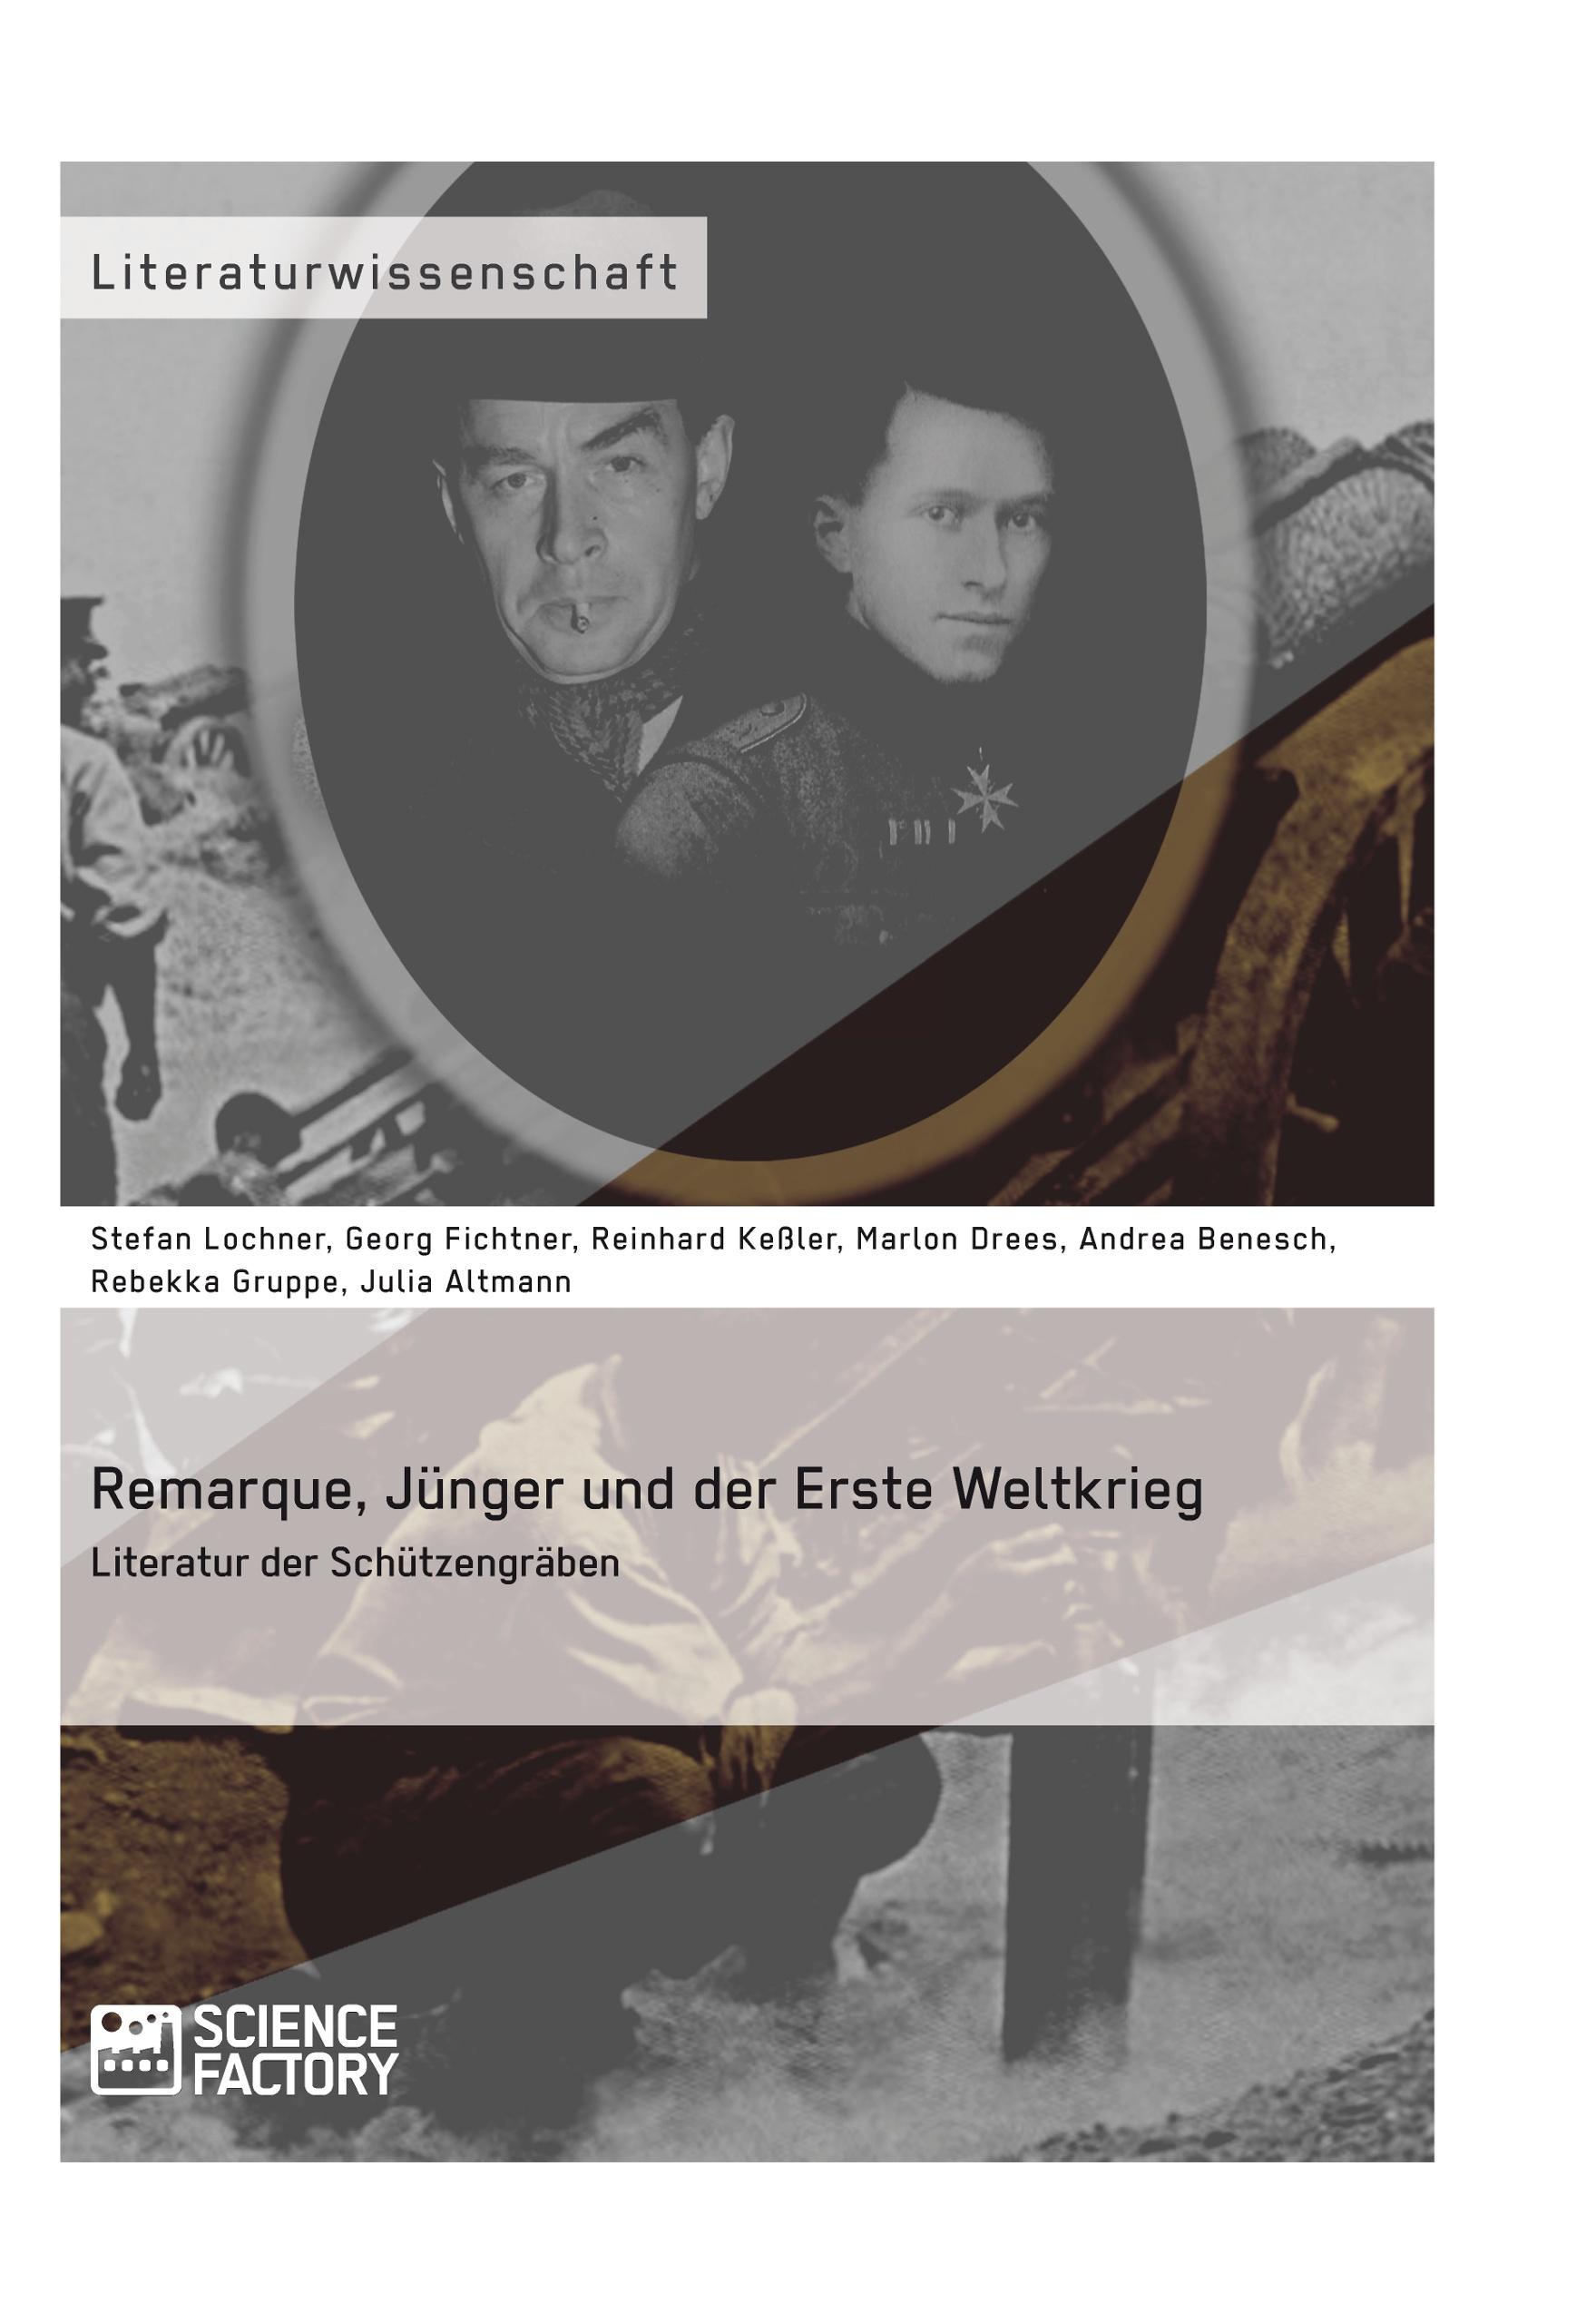 Titel: Remarque, Jünger und der Erste Weltkrieg. Literatur der Schützengräben